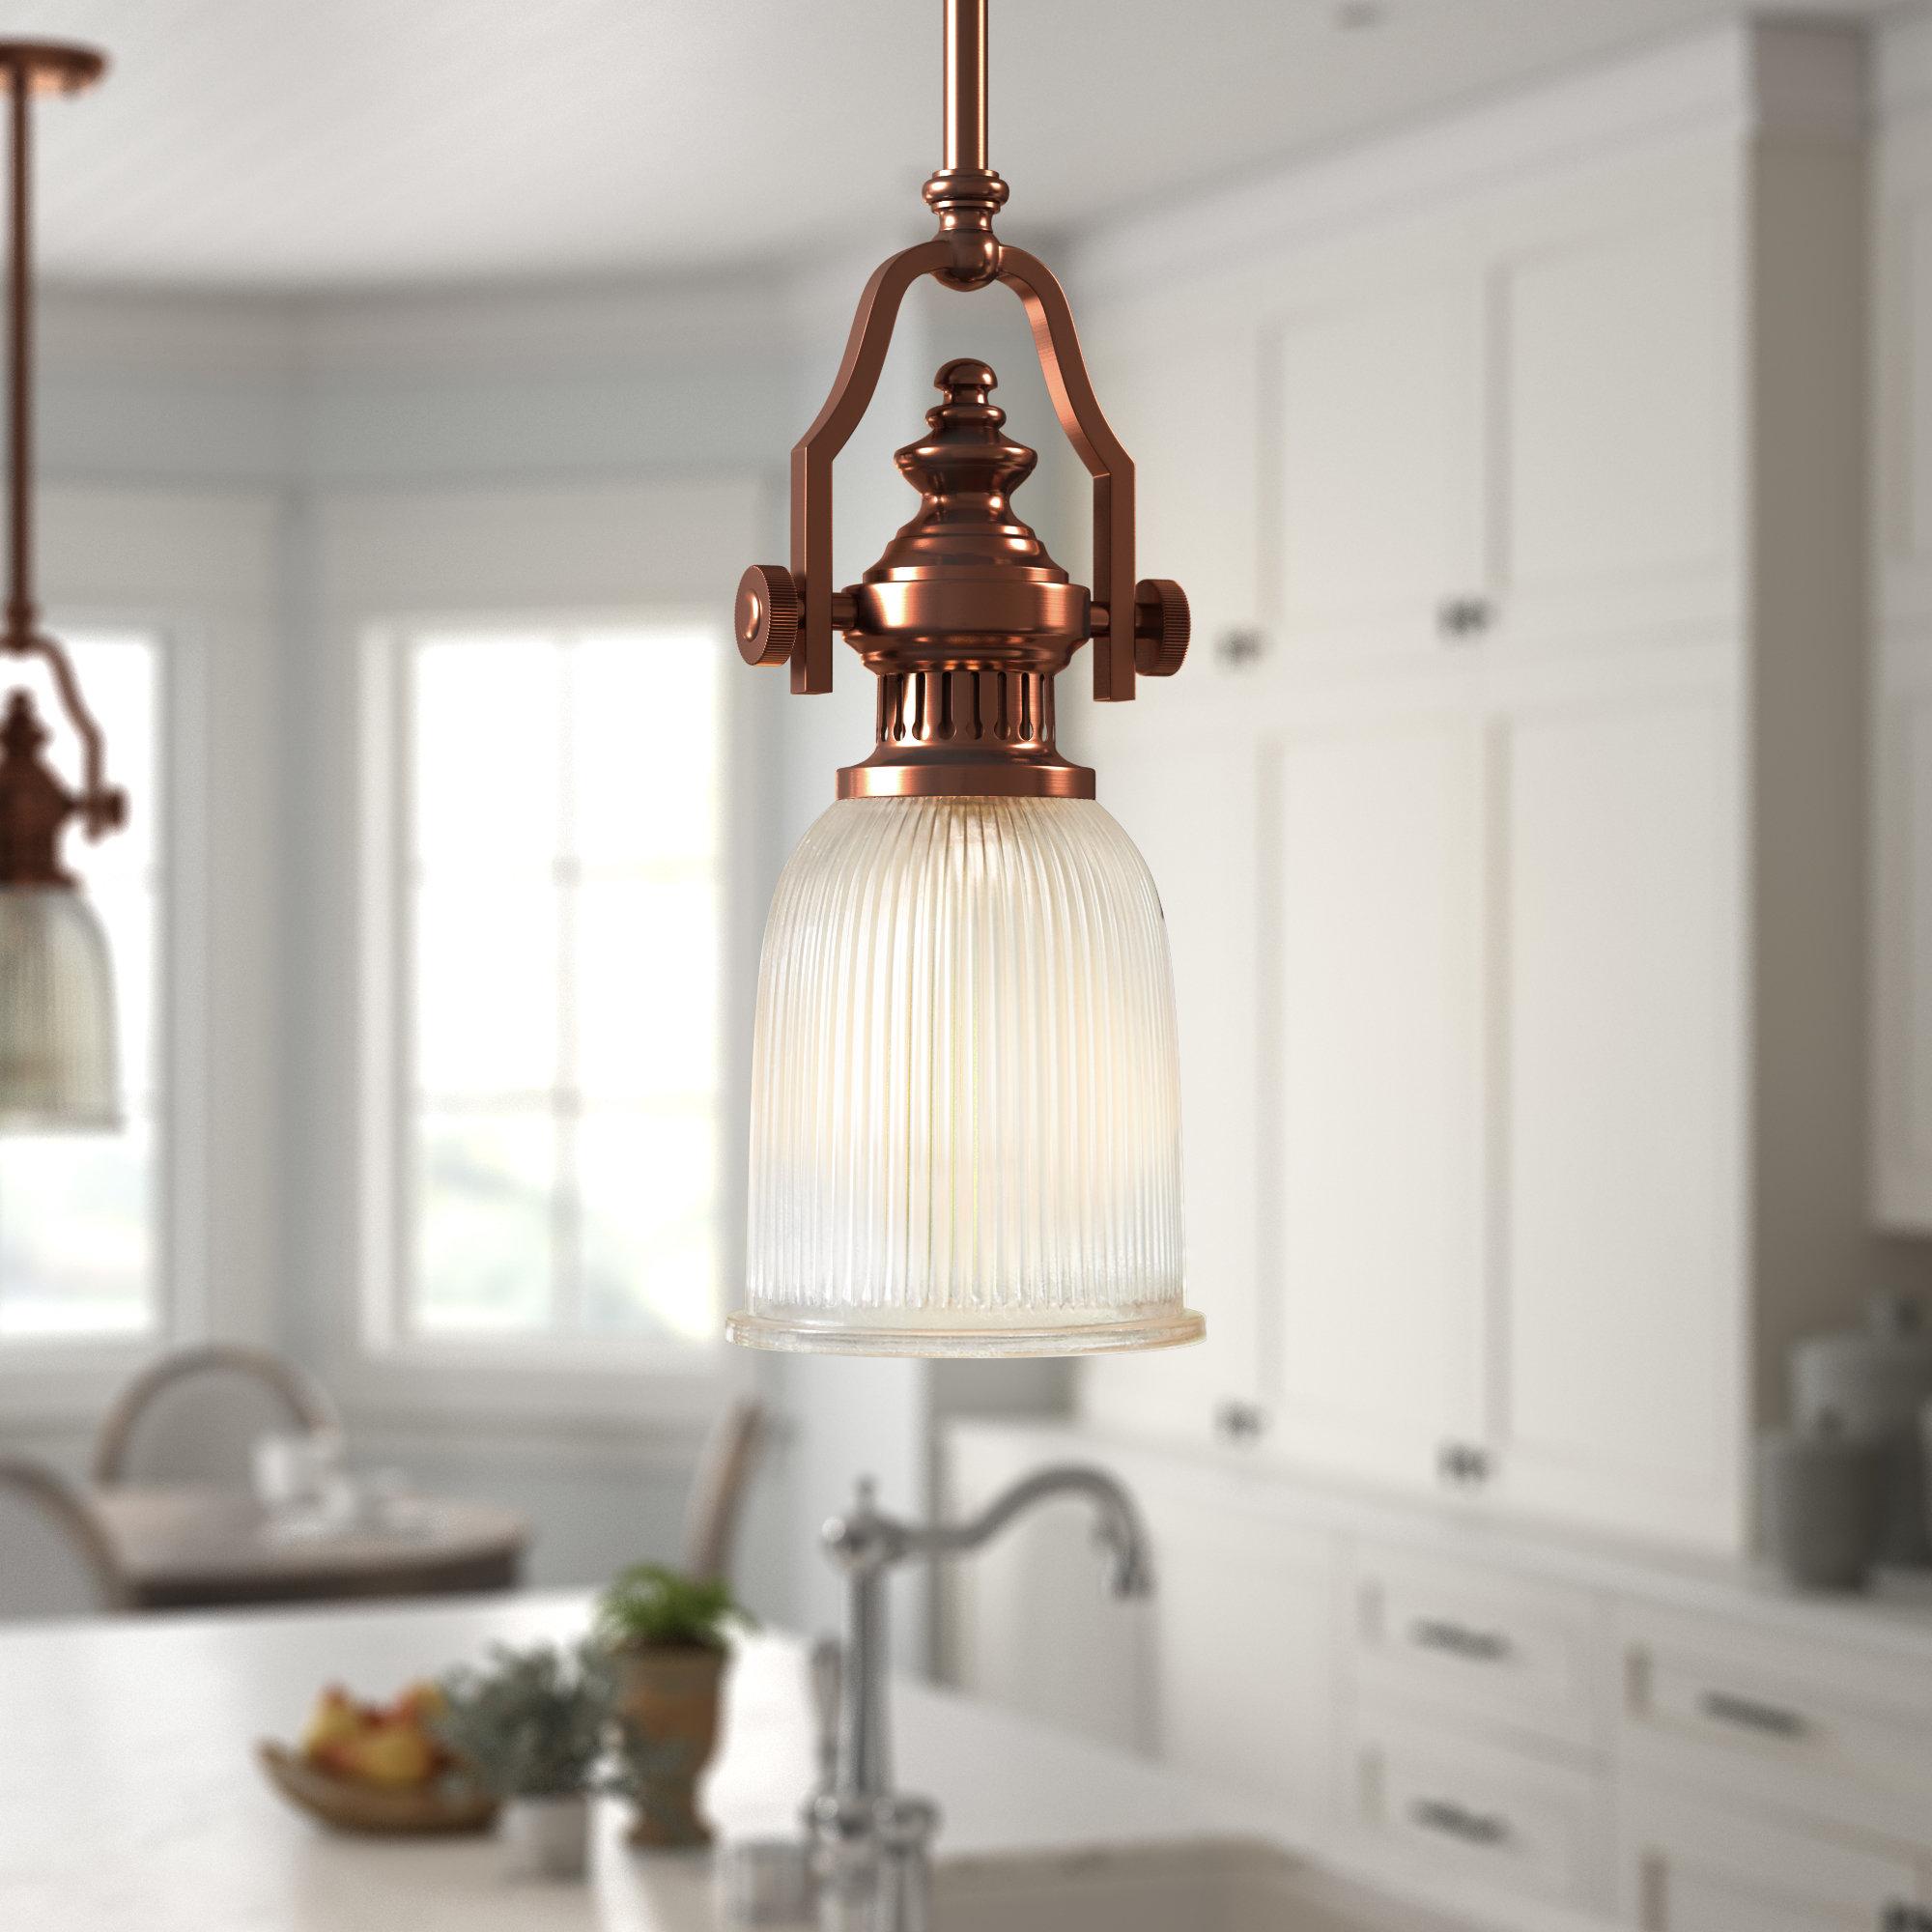 Erico 1 Light Single Bell Pendant For 1 Light Single Bell Pendants (View 9 of 30)